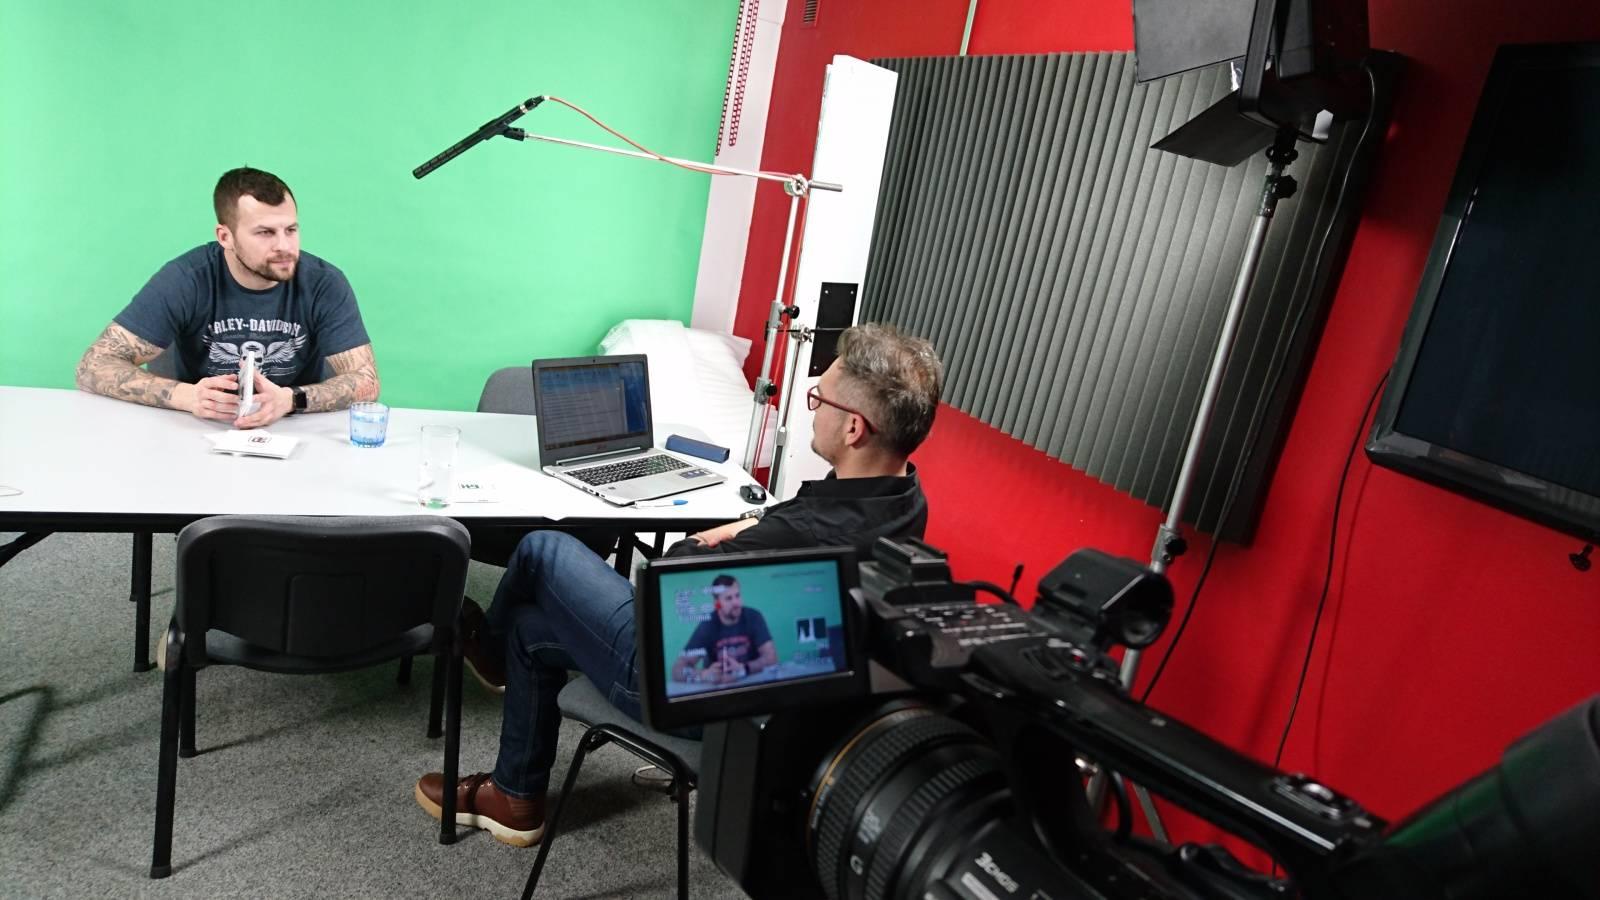 Marpo interview: S konceptem kempů mě předběhli Kryštof